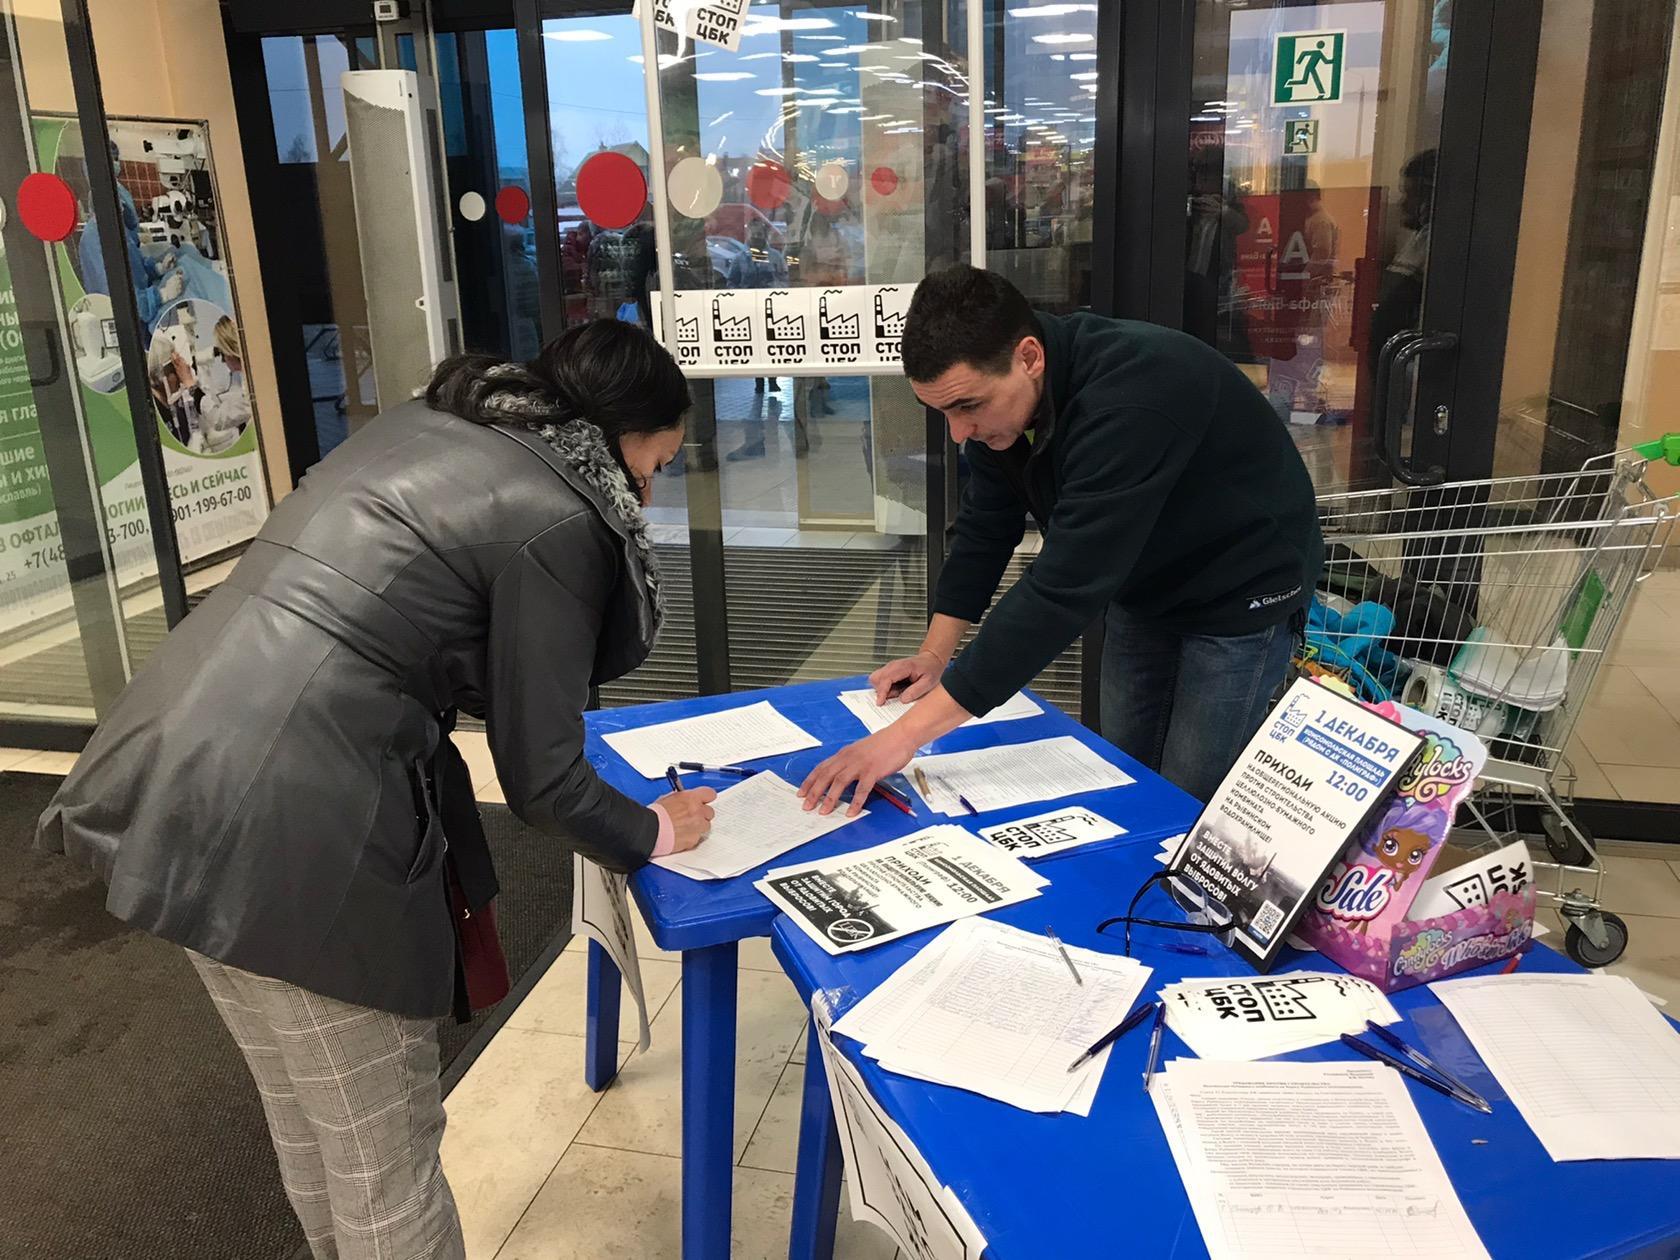 За один день в Рыбинске собрано более 2000 подписей против строительства ЦБК